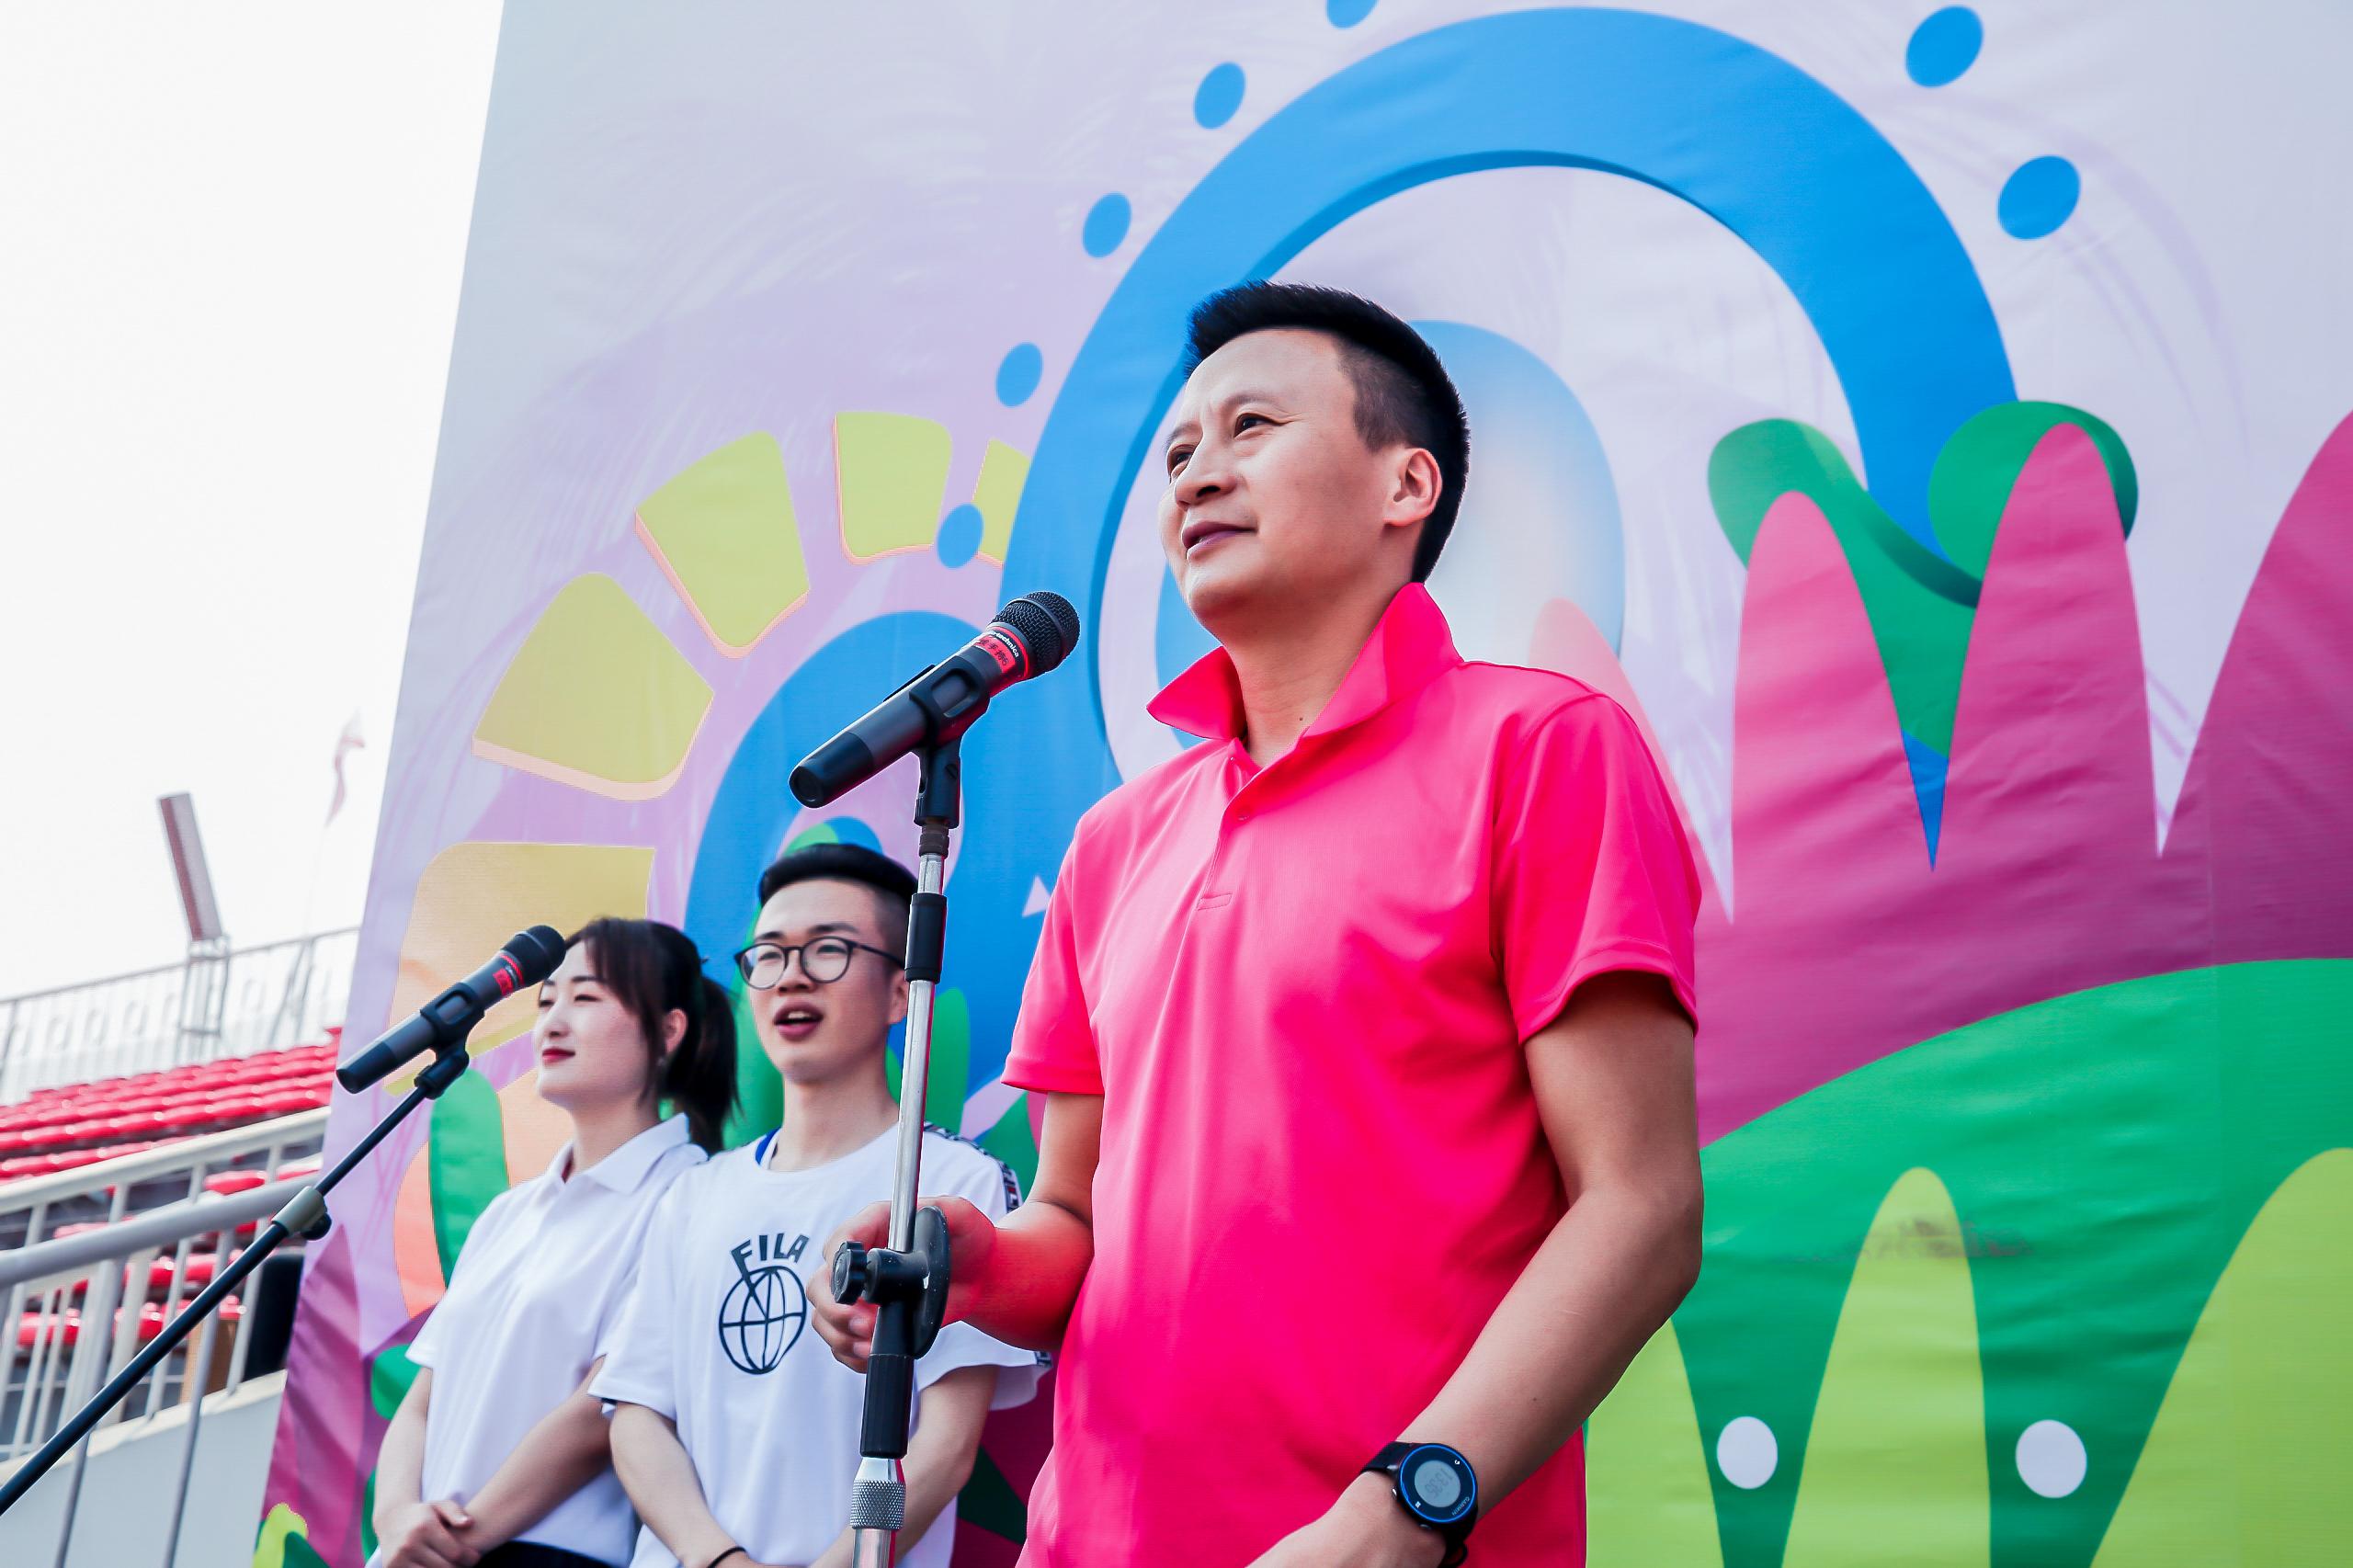 北京平安普惠運動會資料-17400645